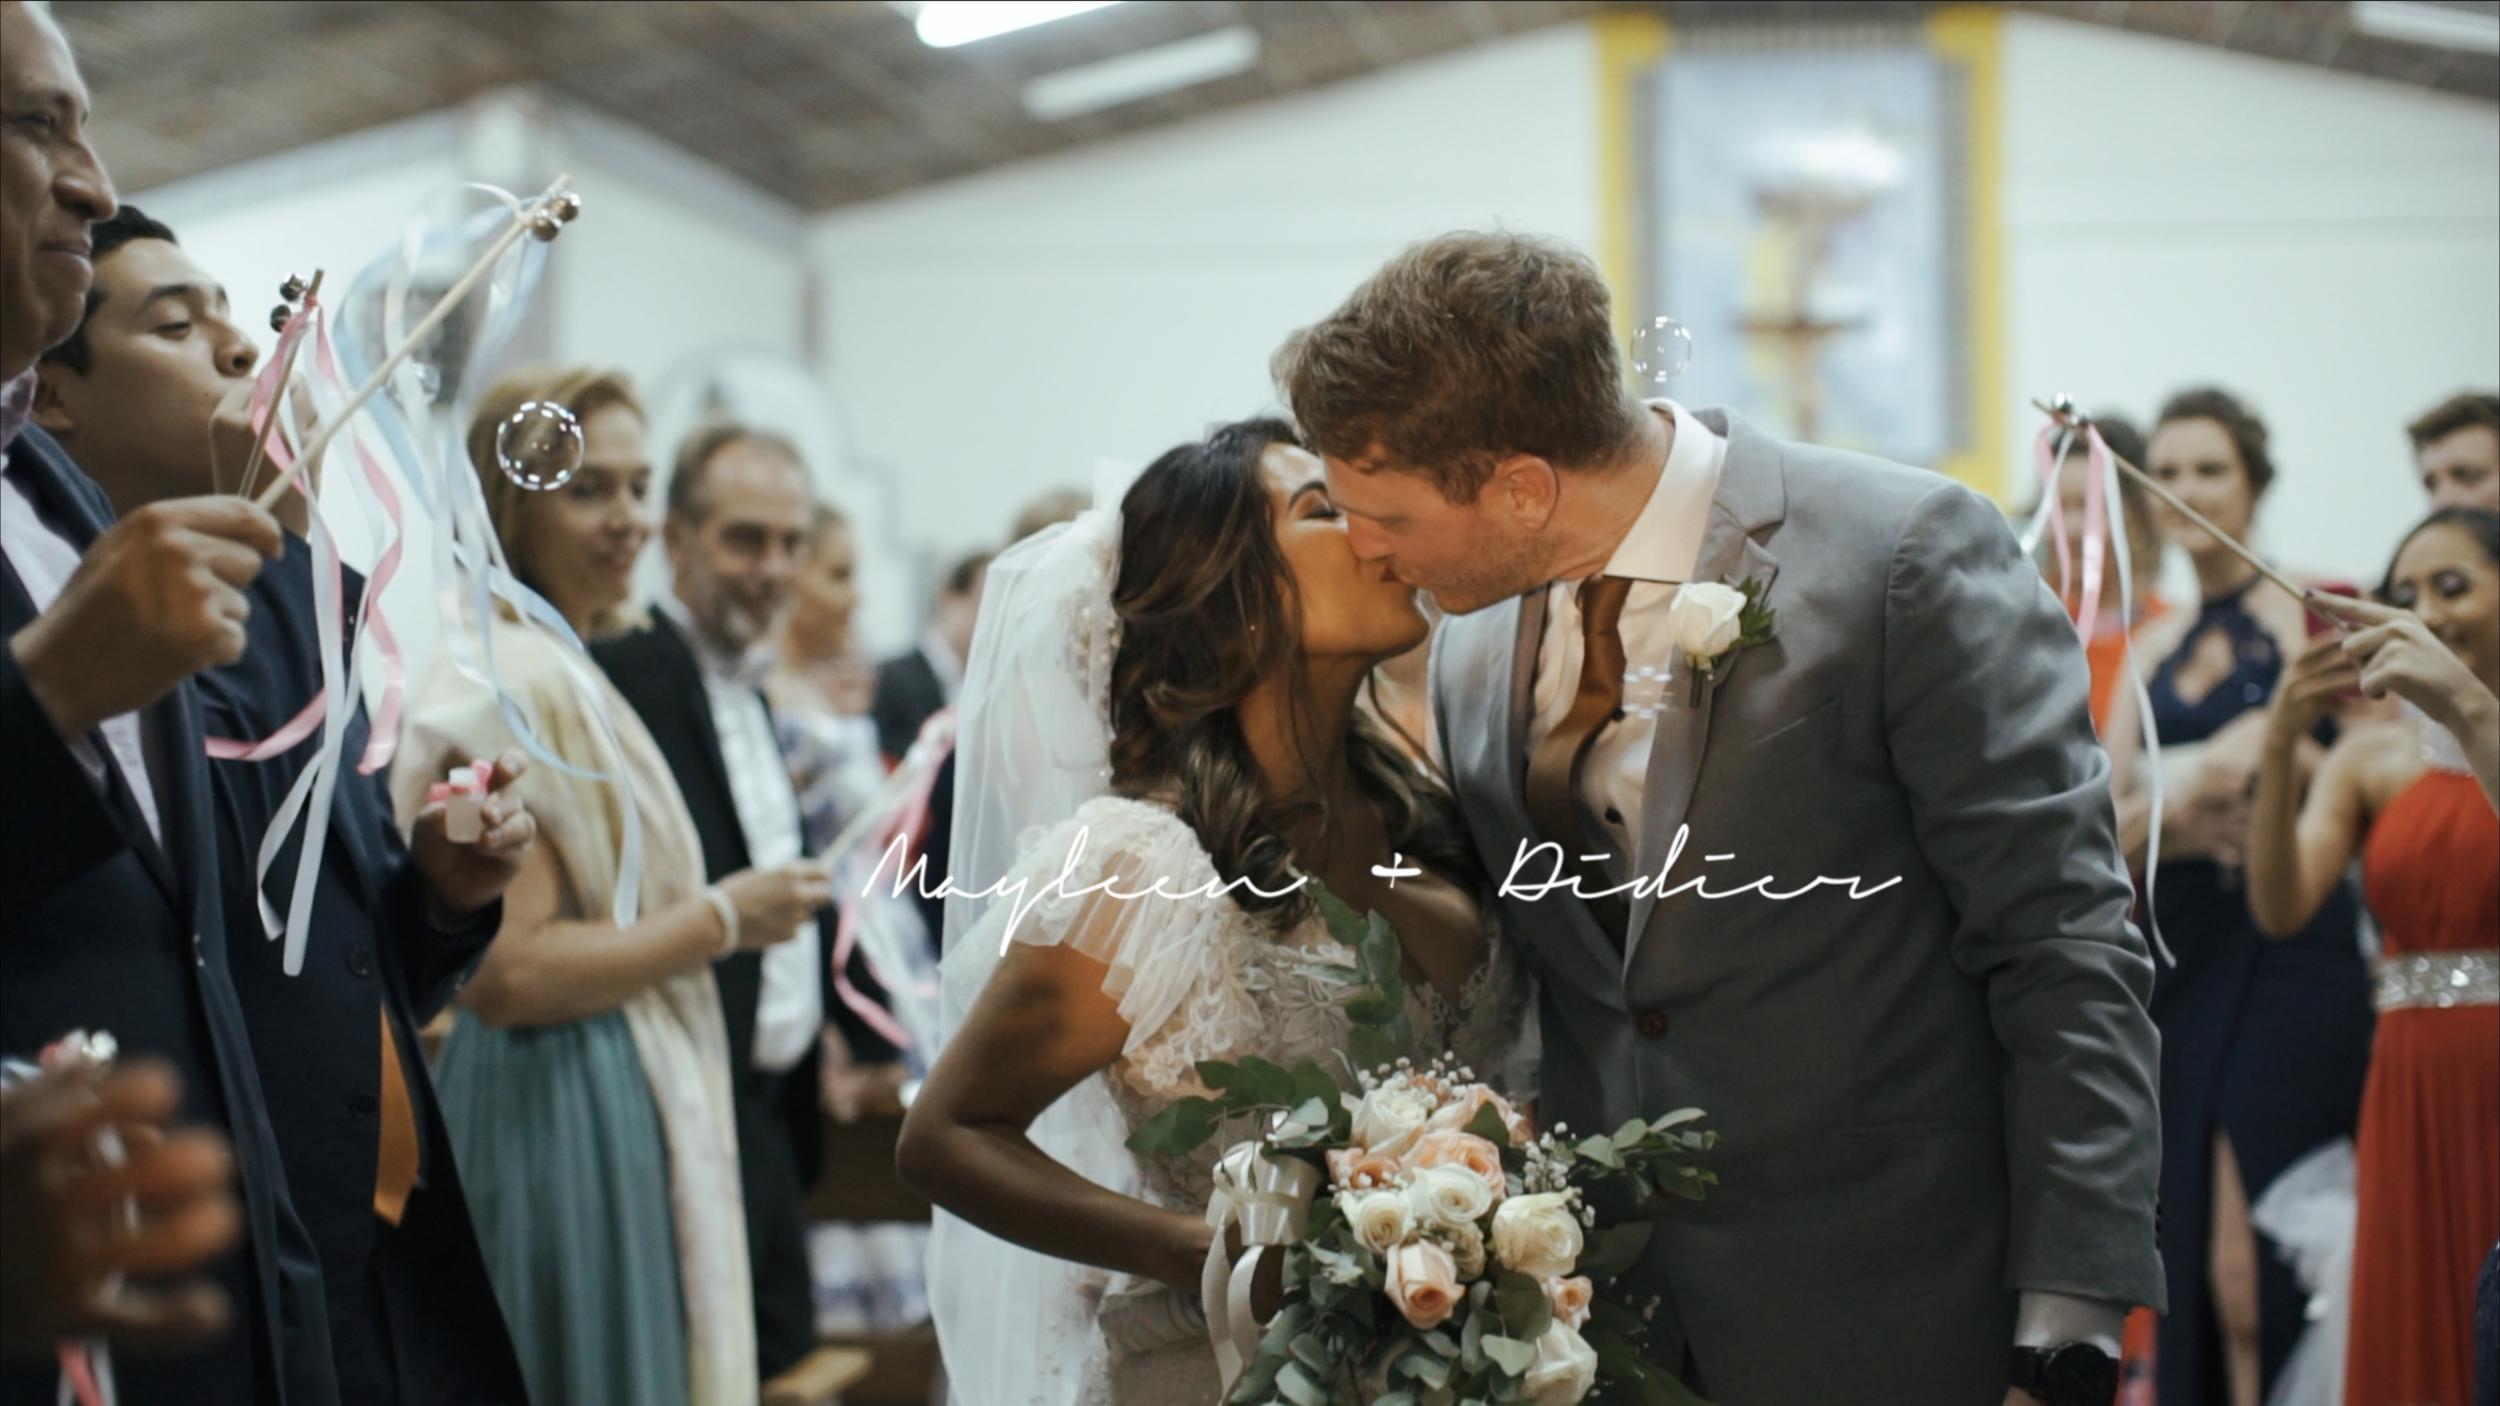 Mayleen + Didier - Hermosa boda belga-panameña en el distrito de Boquete, Chiriquí. En la que viajaron personas de diferentes partes del mundo para poder compartir con esta pareja tan particular.